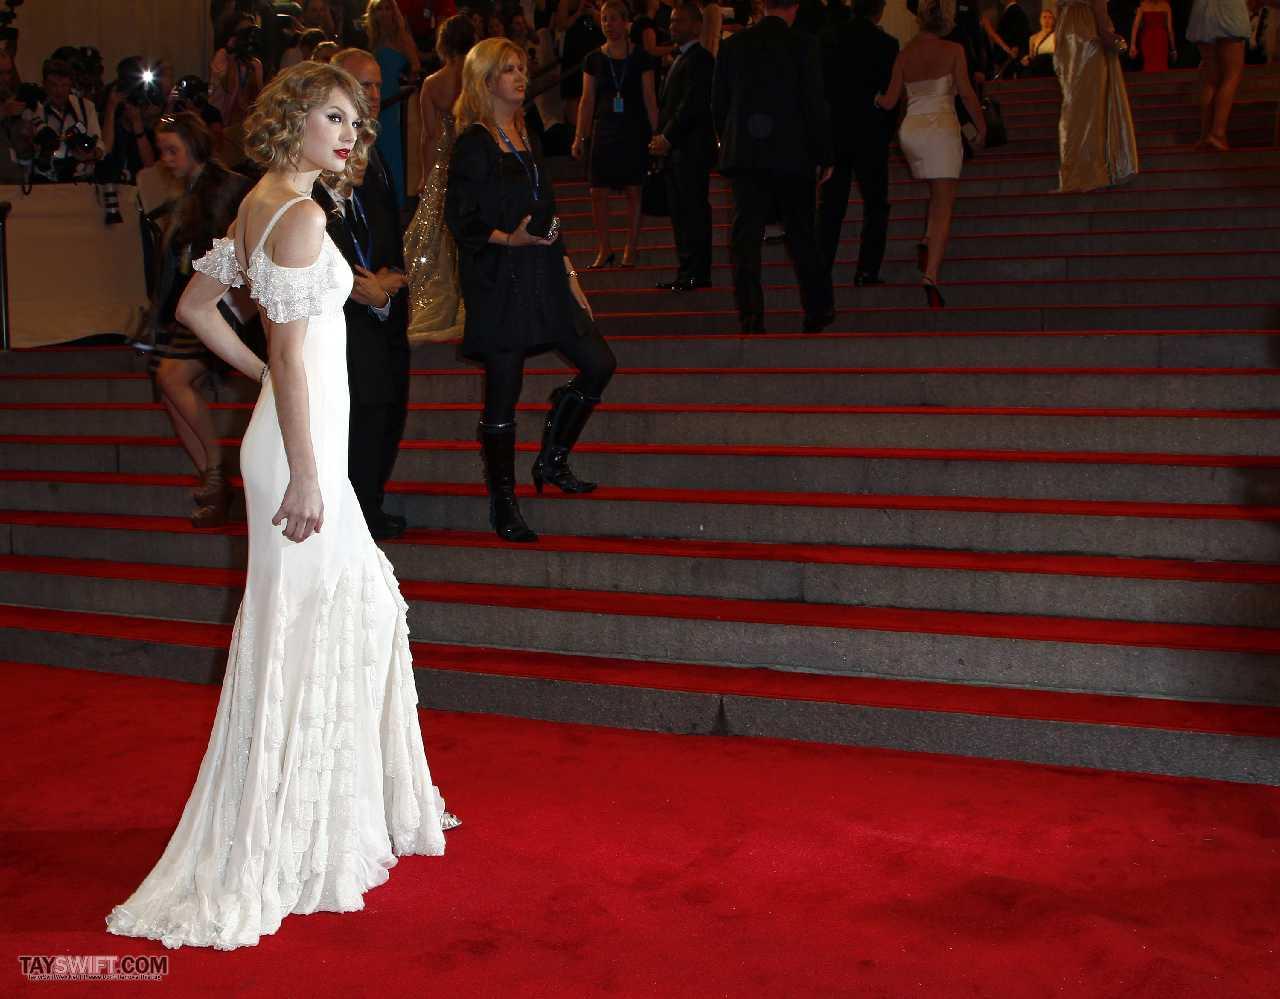 http://2.bp.blogspot.com/-y6P2_5dutUQ/T1LZrB8HXBI/AAAAAAAA_u8/7PAoskt4mRI/s1600/Taylor+Swift+Butt+&+Ass+Pics+59.jpg